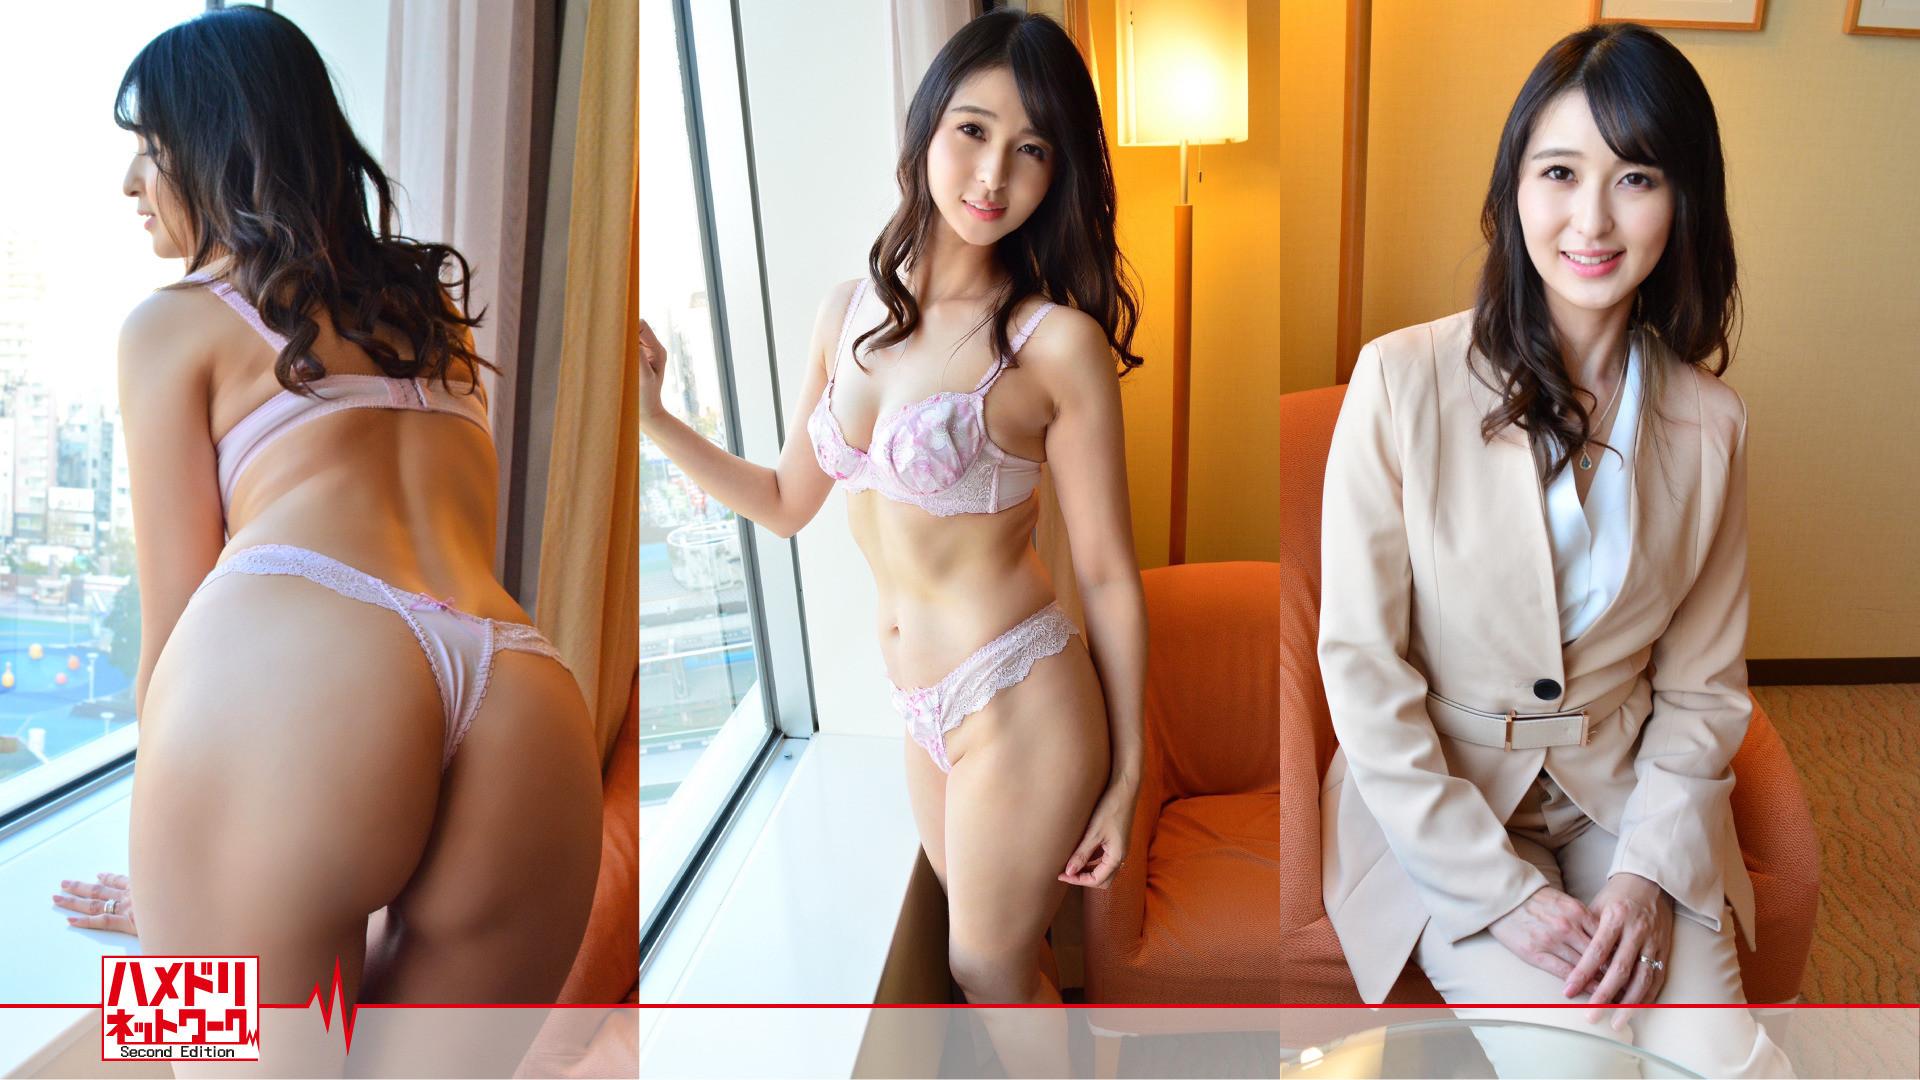 有名S級女医43歳の中出し不倫セックス映像流出。TVにも出演したスレンダーな美体の穴という穴を犯られまくる!